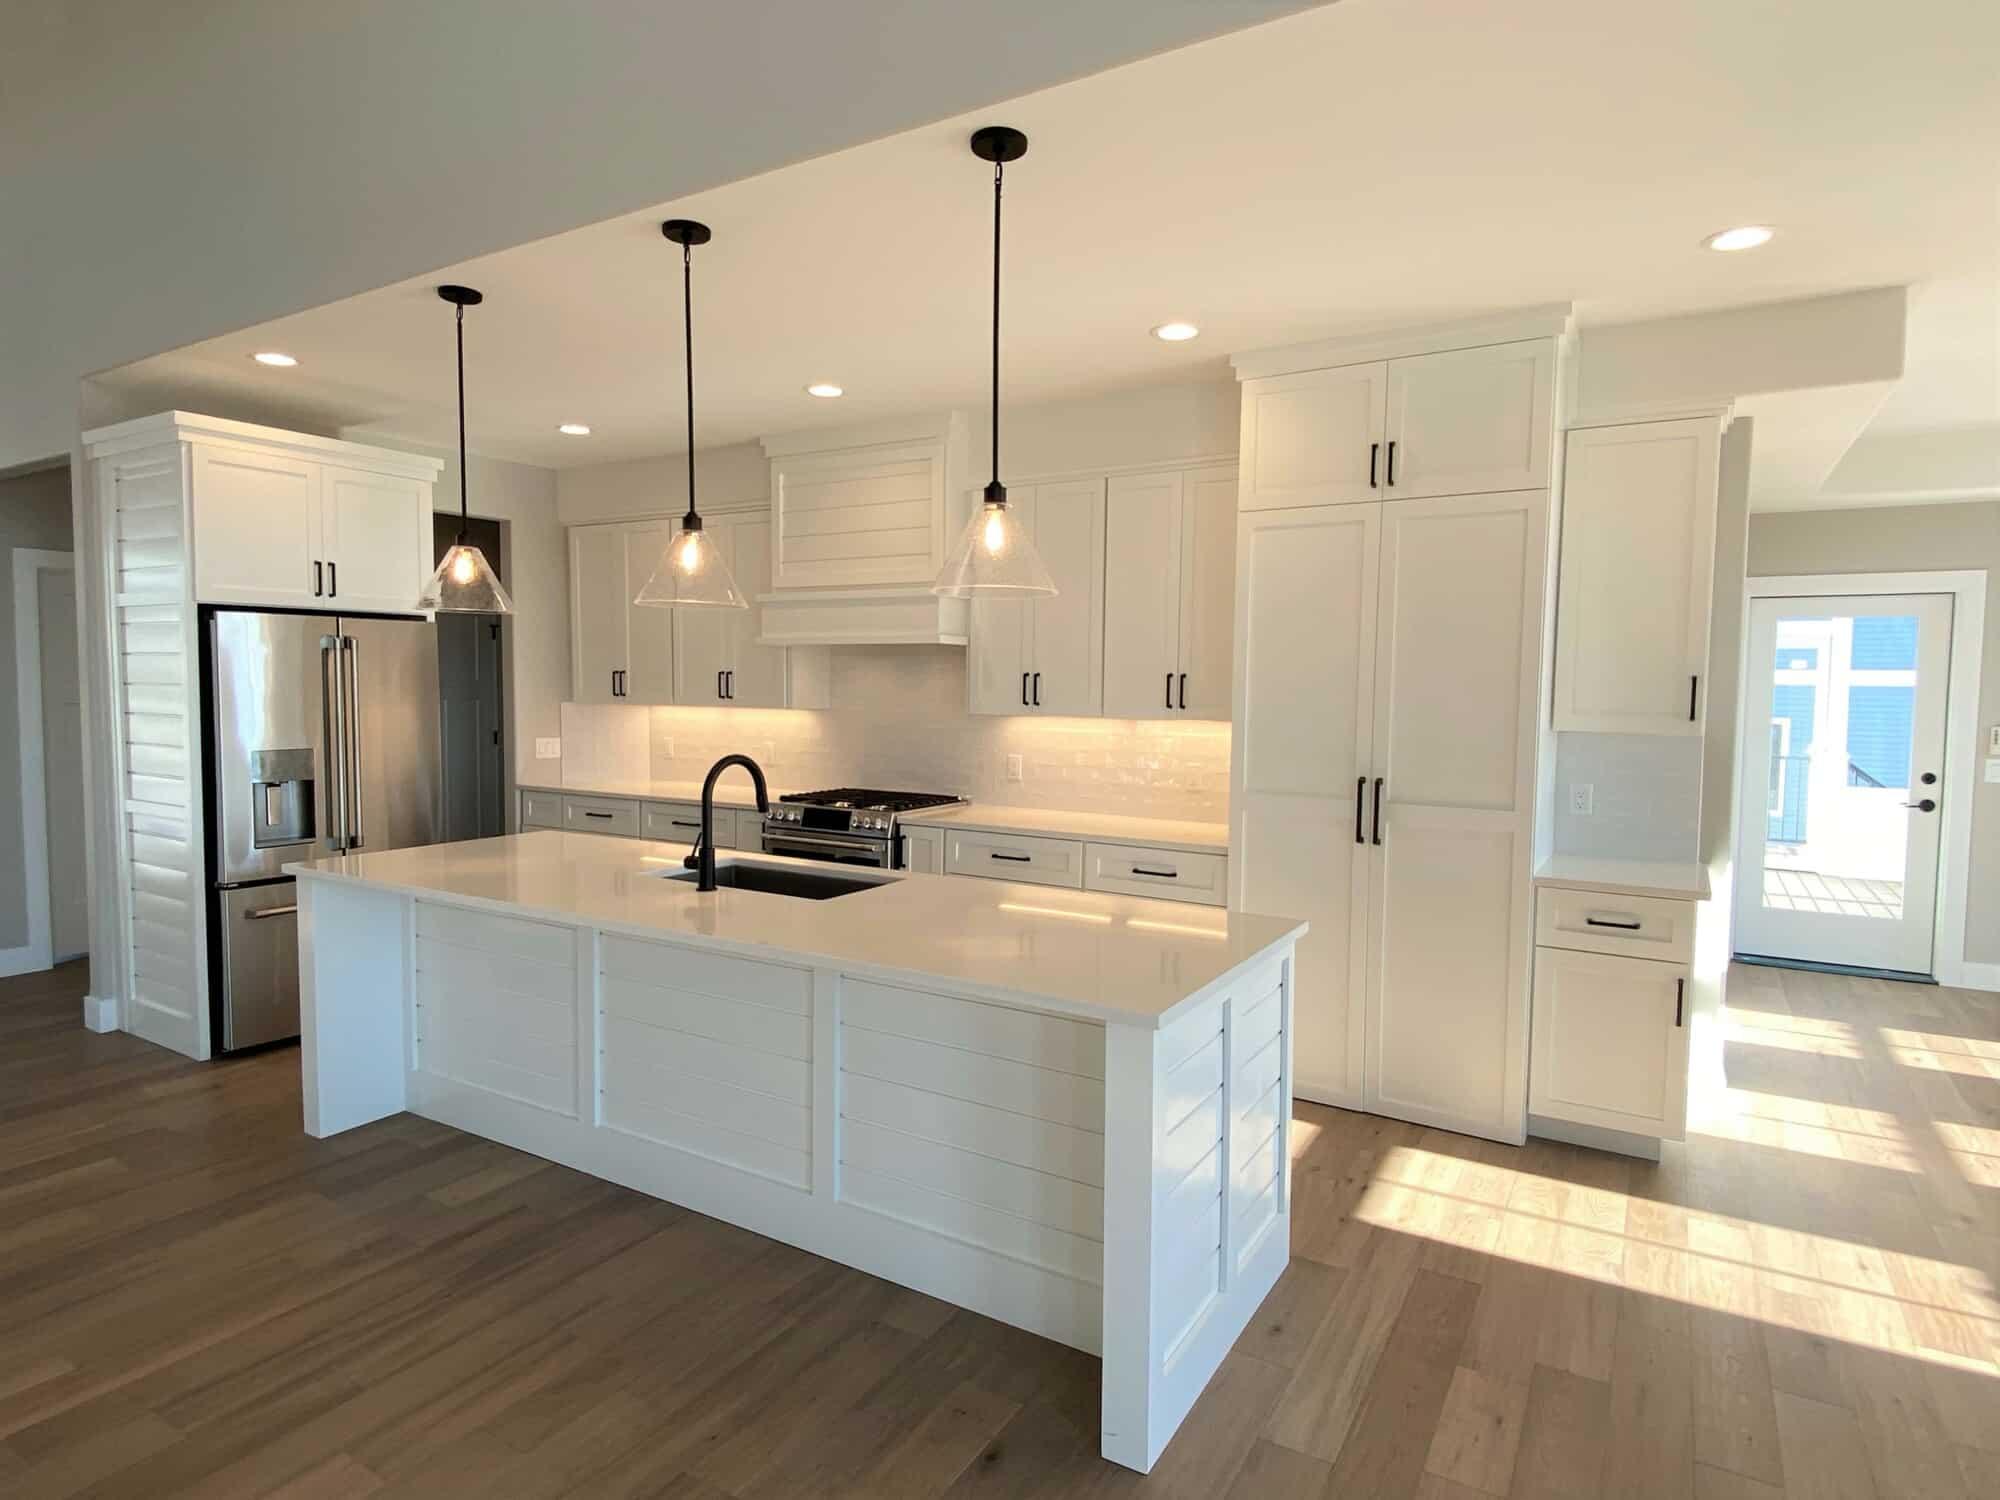 white kitchen hardwood floor white tile backsplash